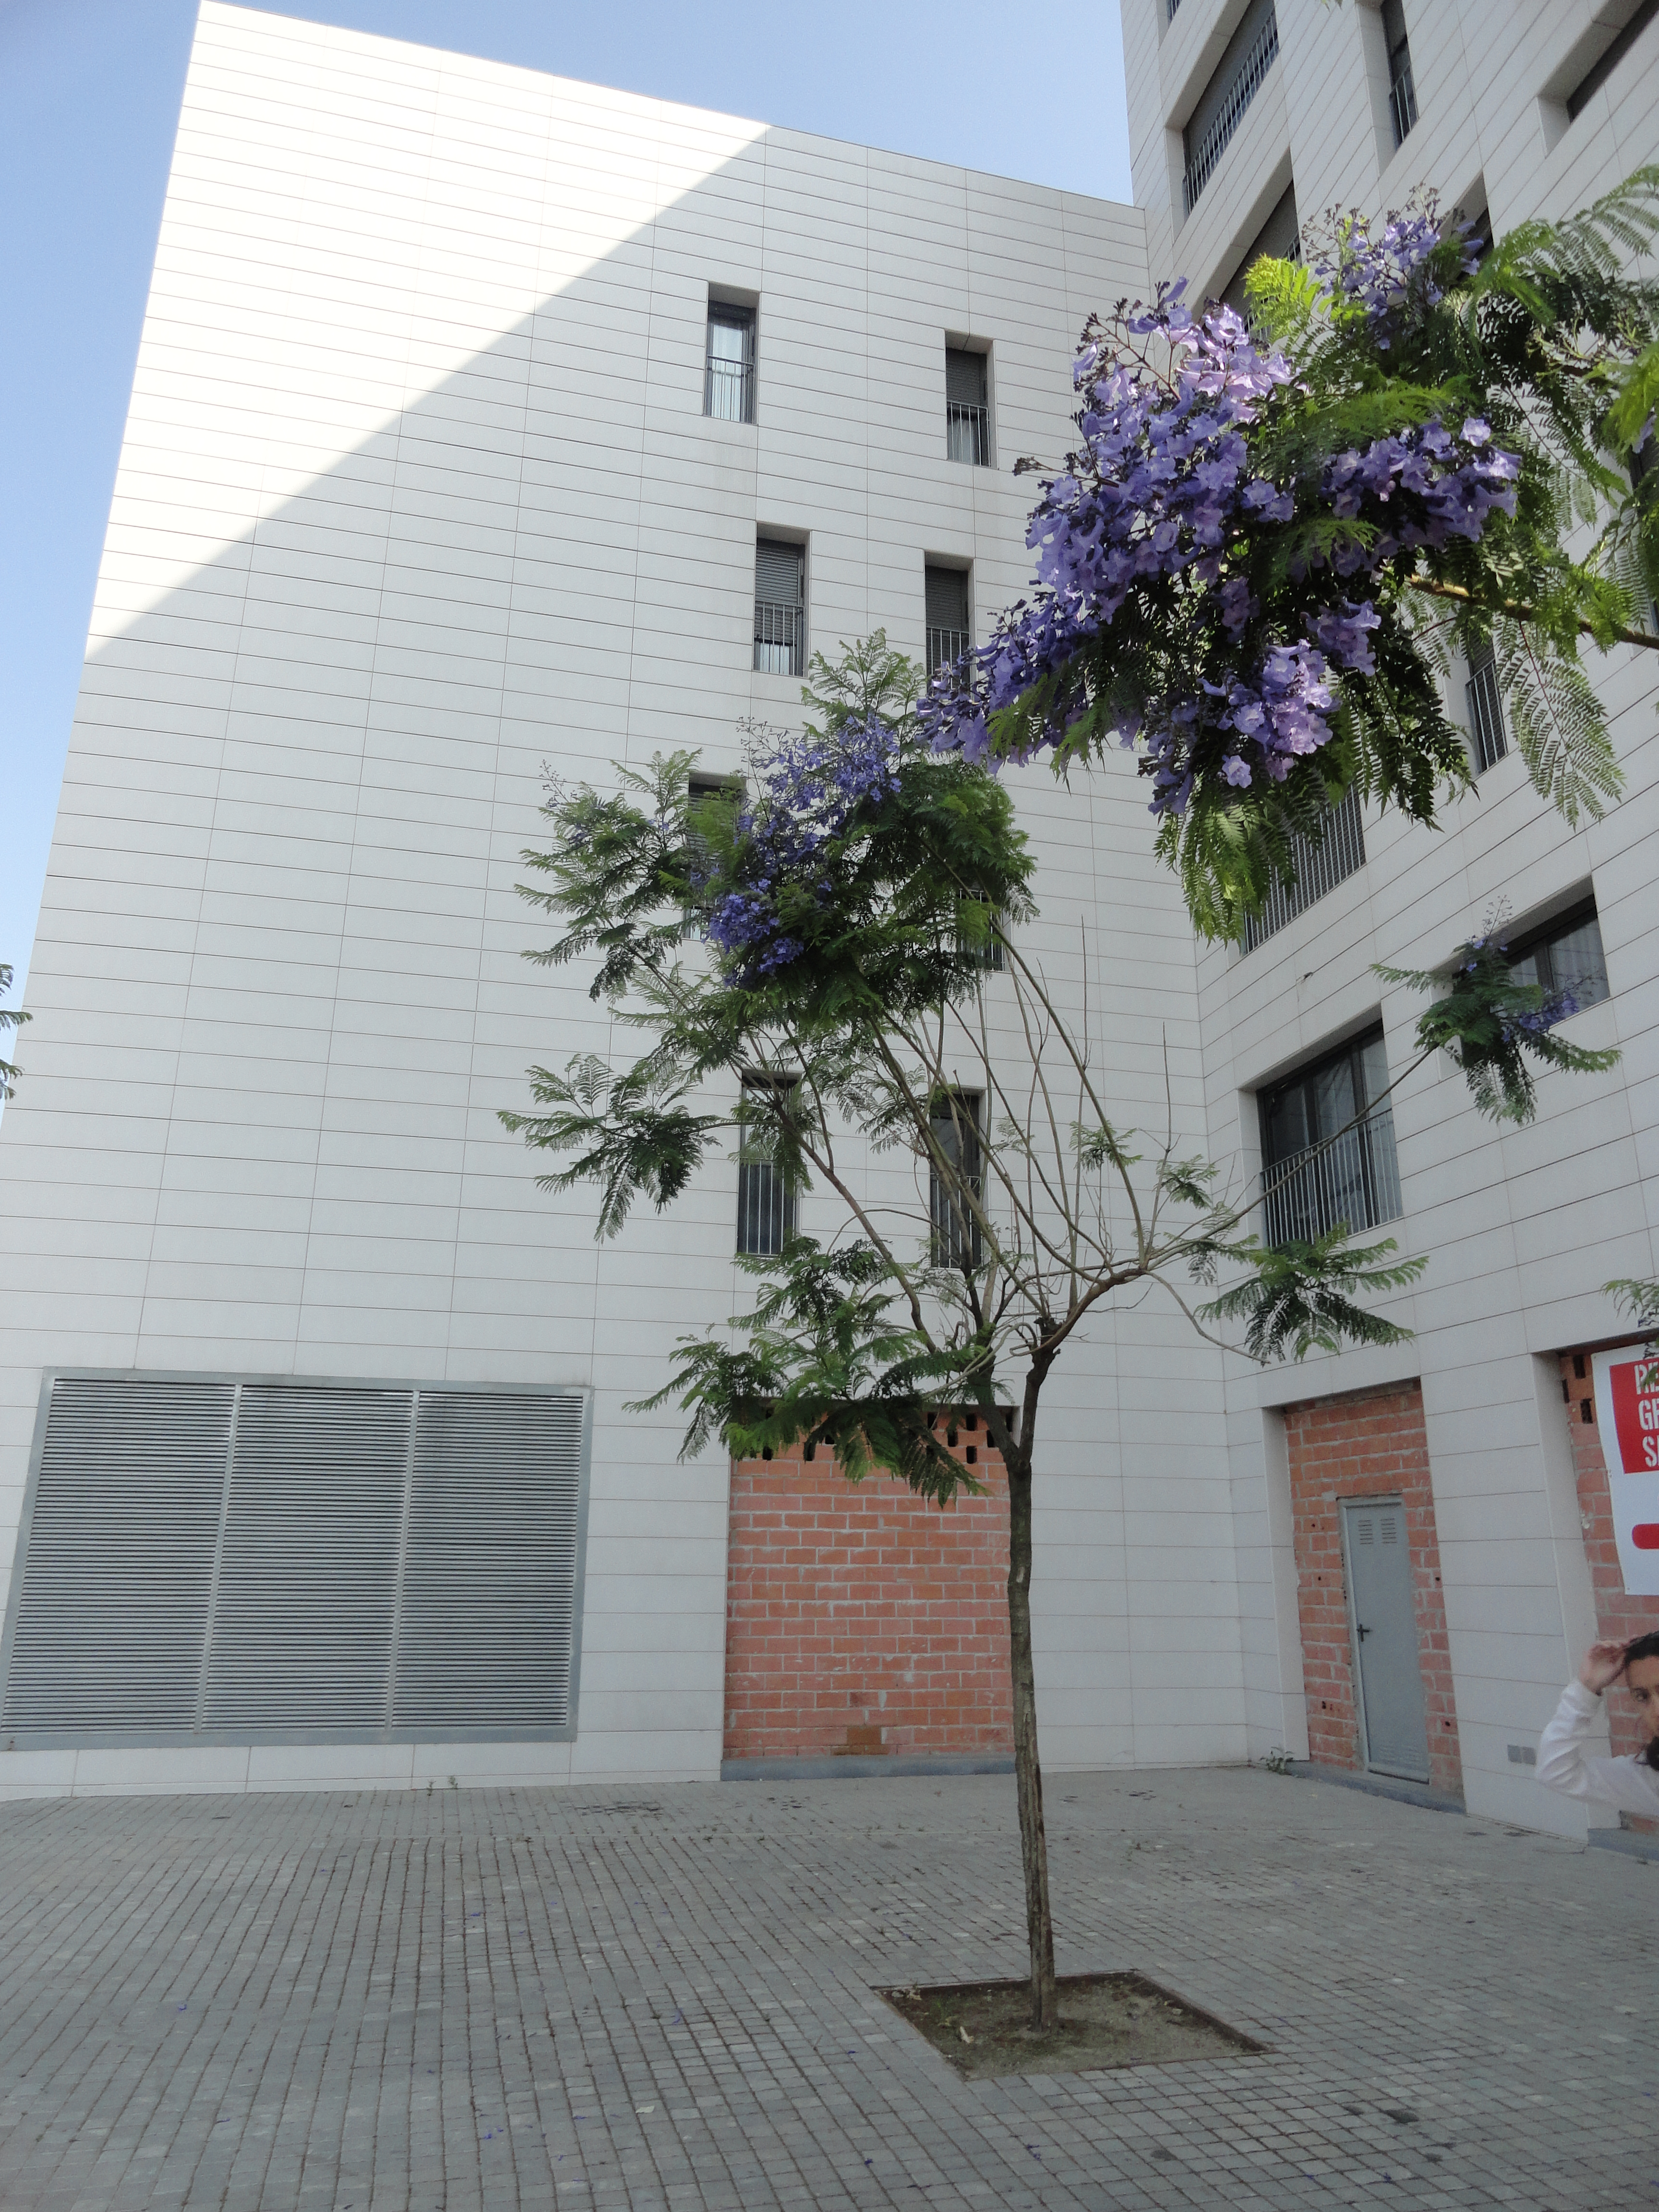 Torre bar entre el sue o de la ciudad jard n y el giro for Barrio ciudad jardin madrid